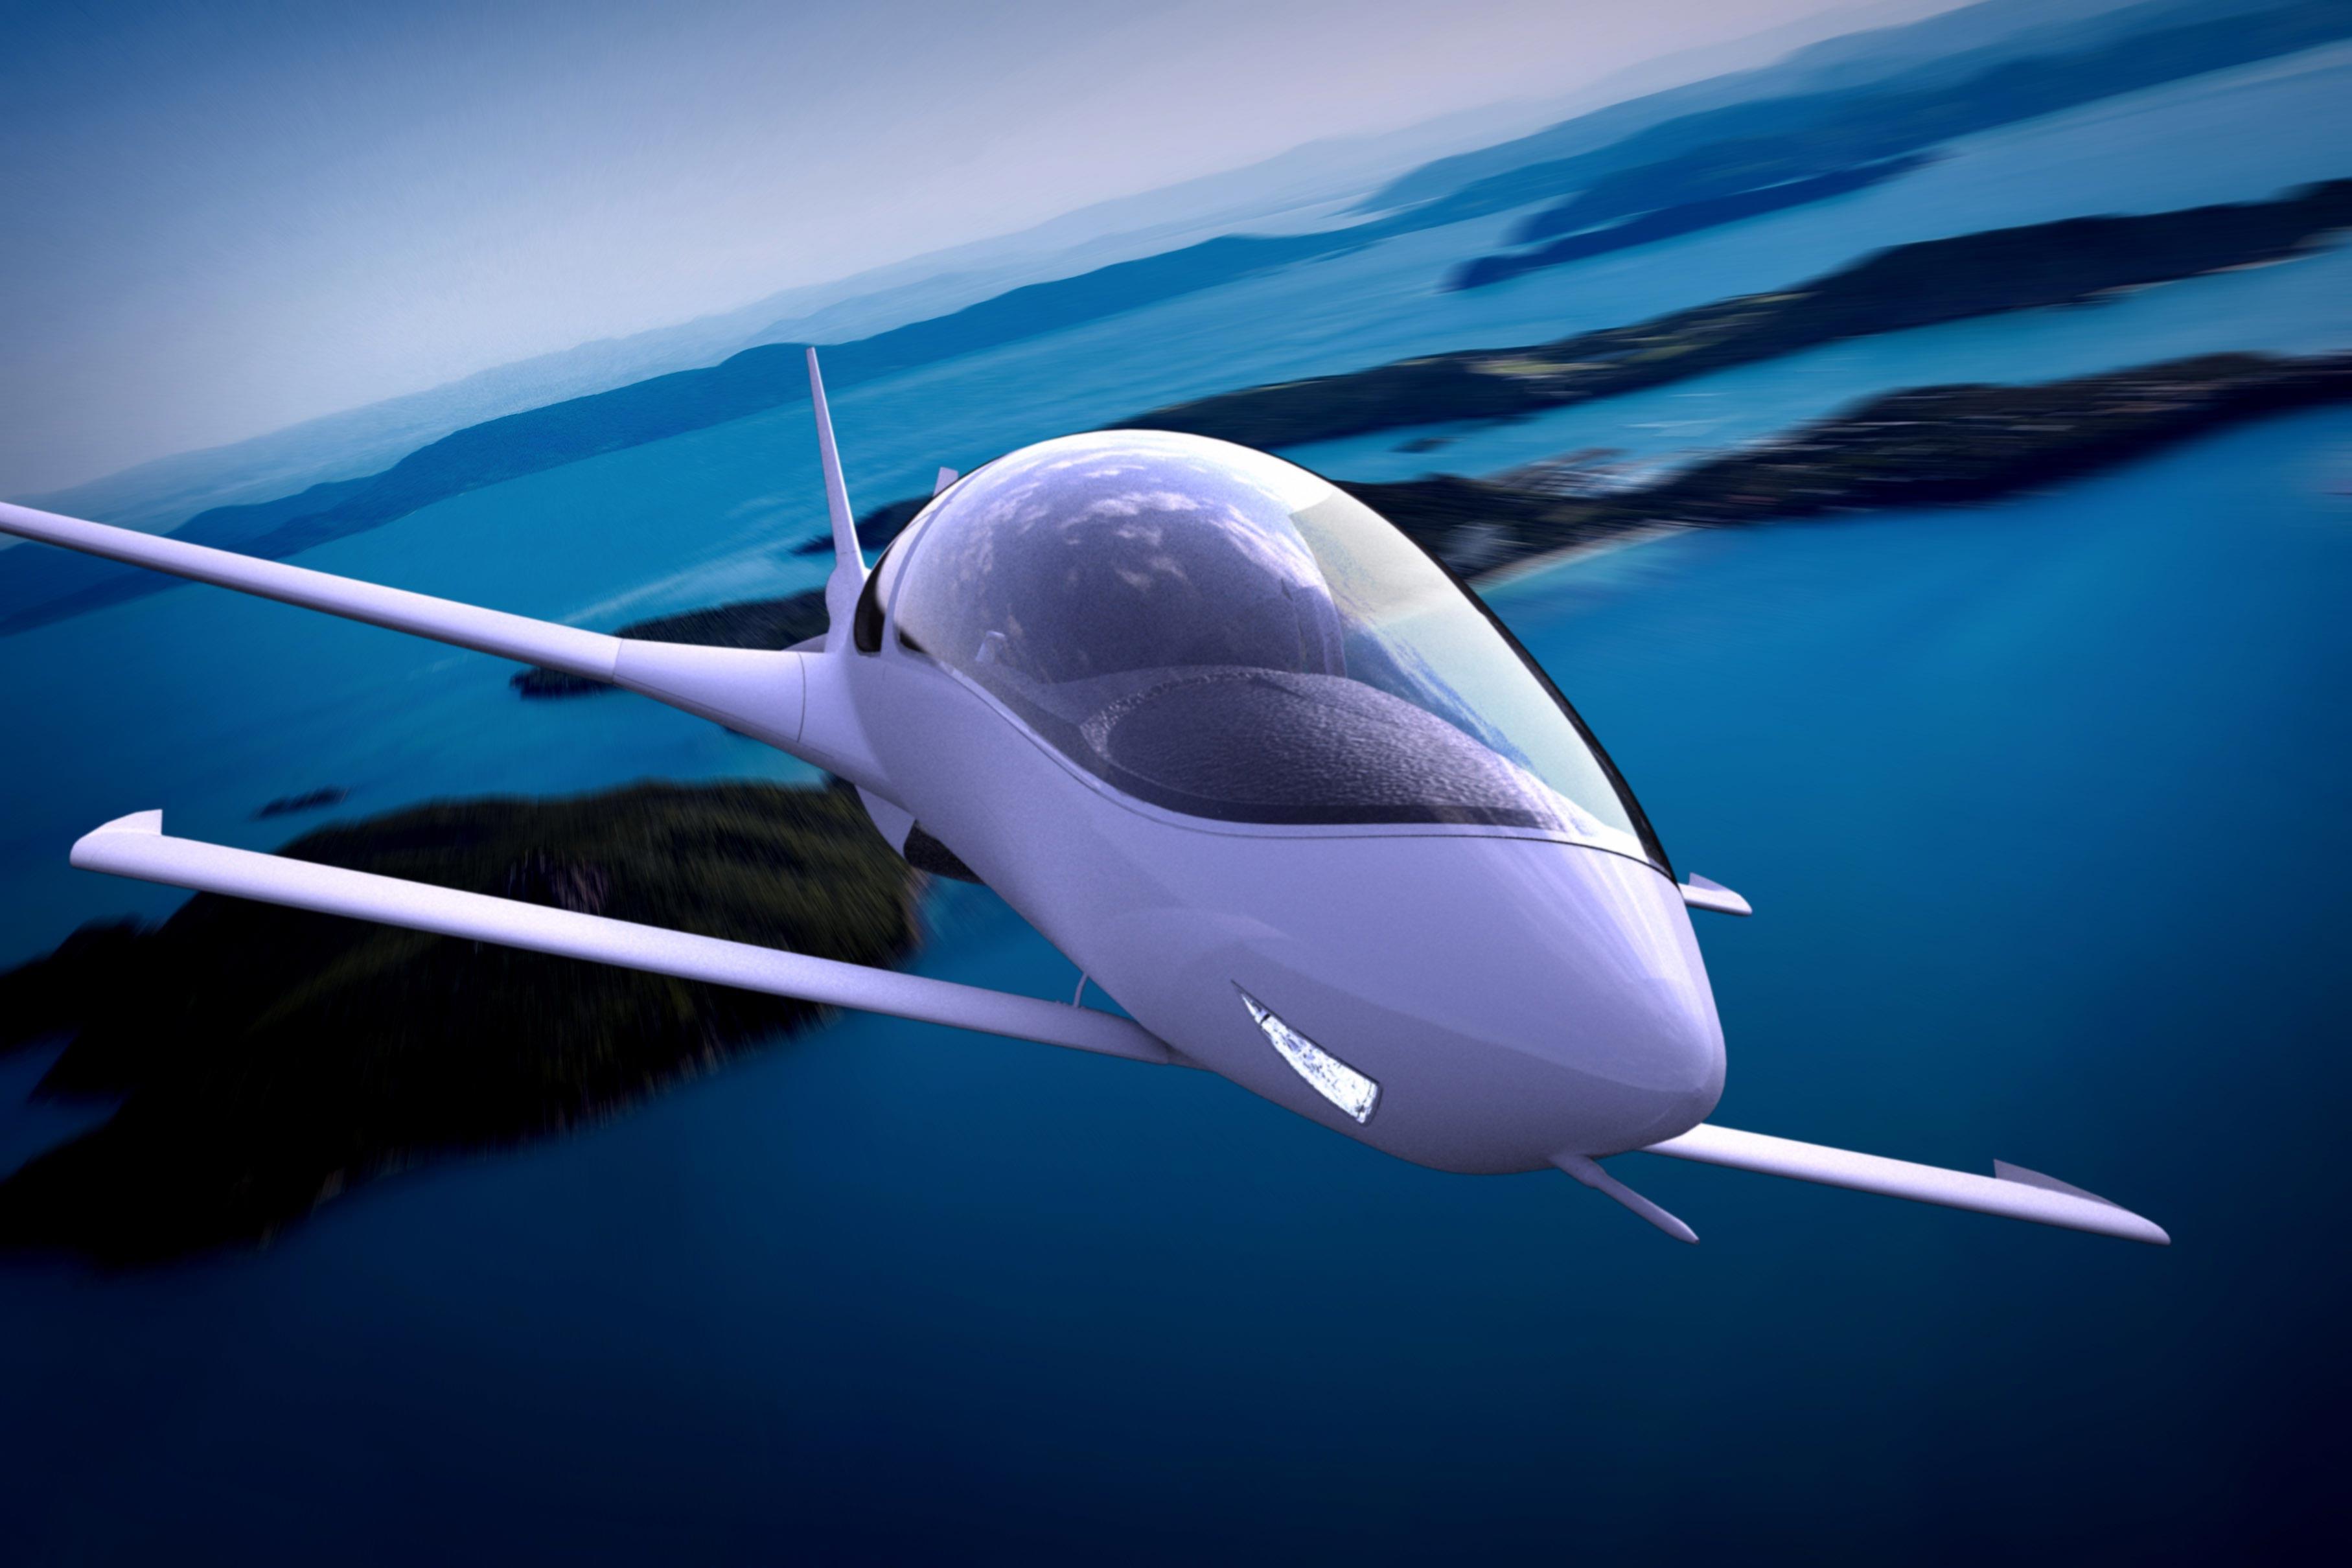 Tecnologia: monomotor de passeio com 'design' futurista e 'canopy' de avião de caça chega ao mercado por USD 750 mil